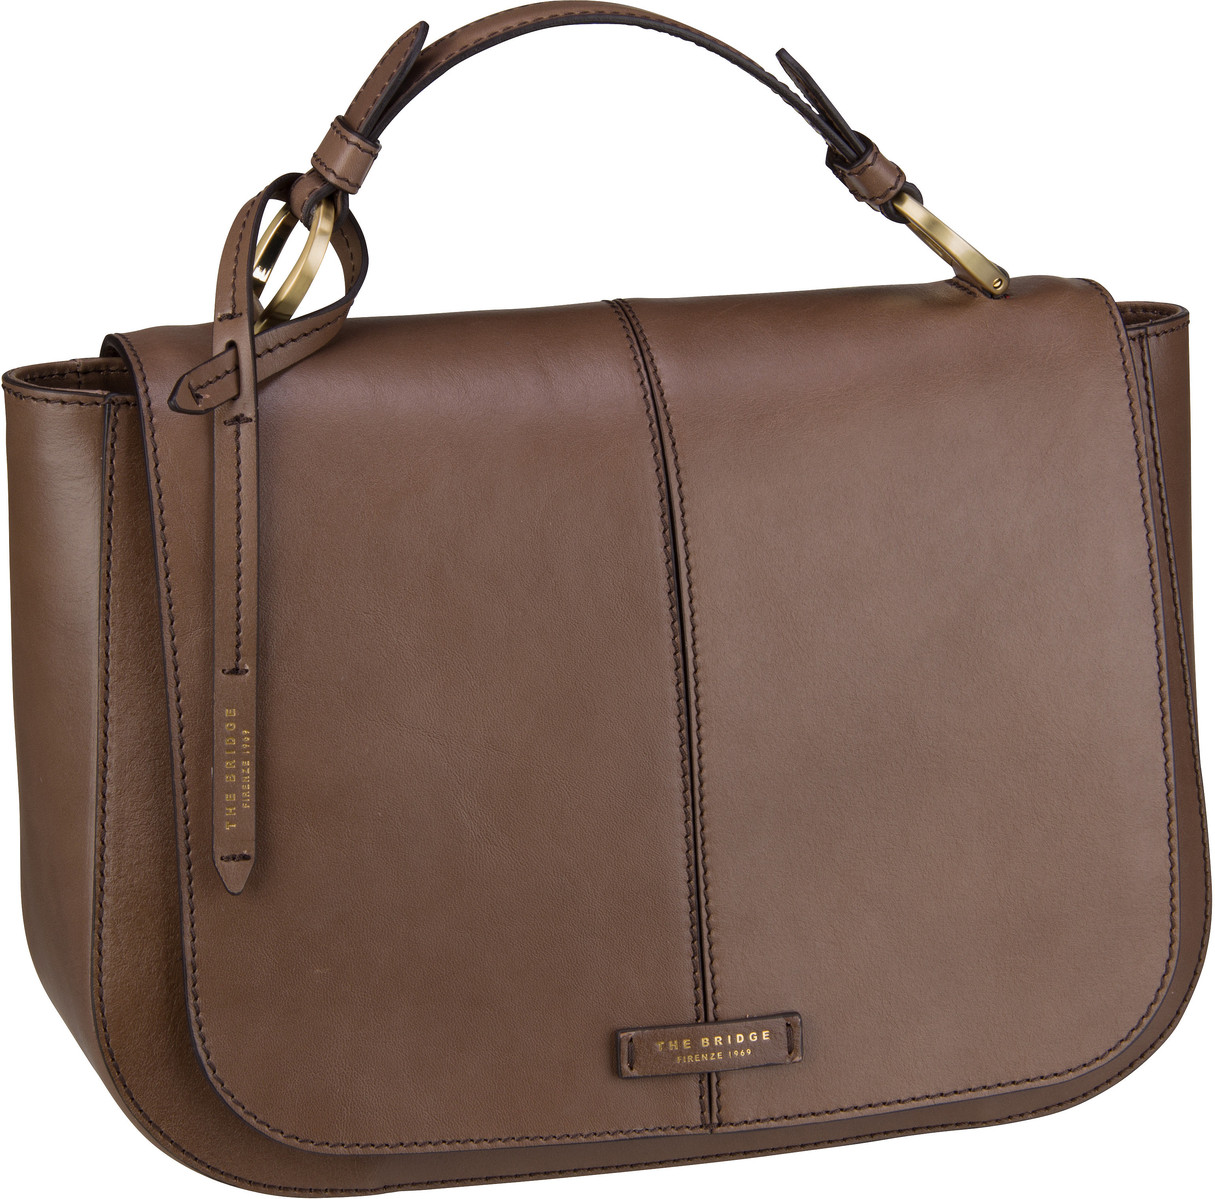 Handtasche Faentina Handtasche 4659 Taupe/Oro